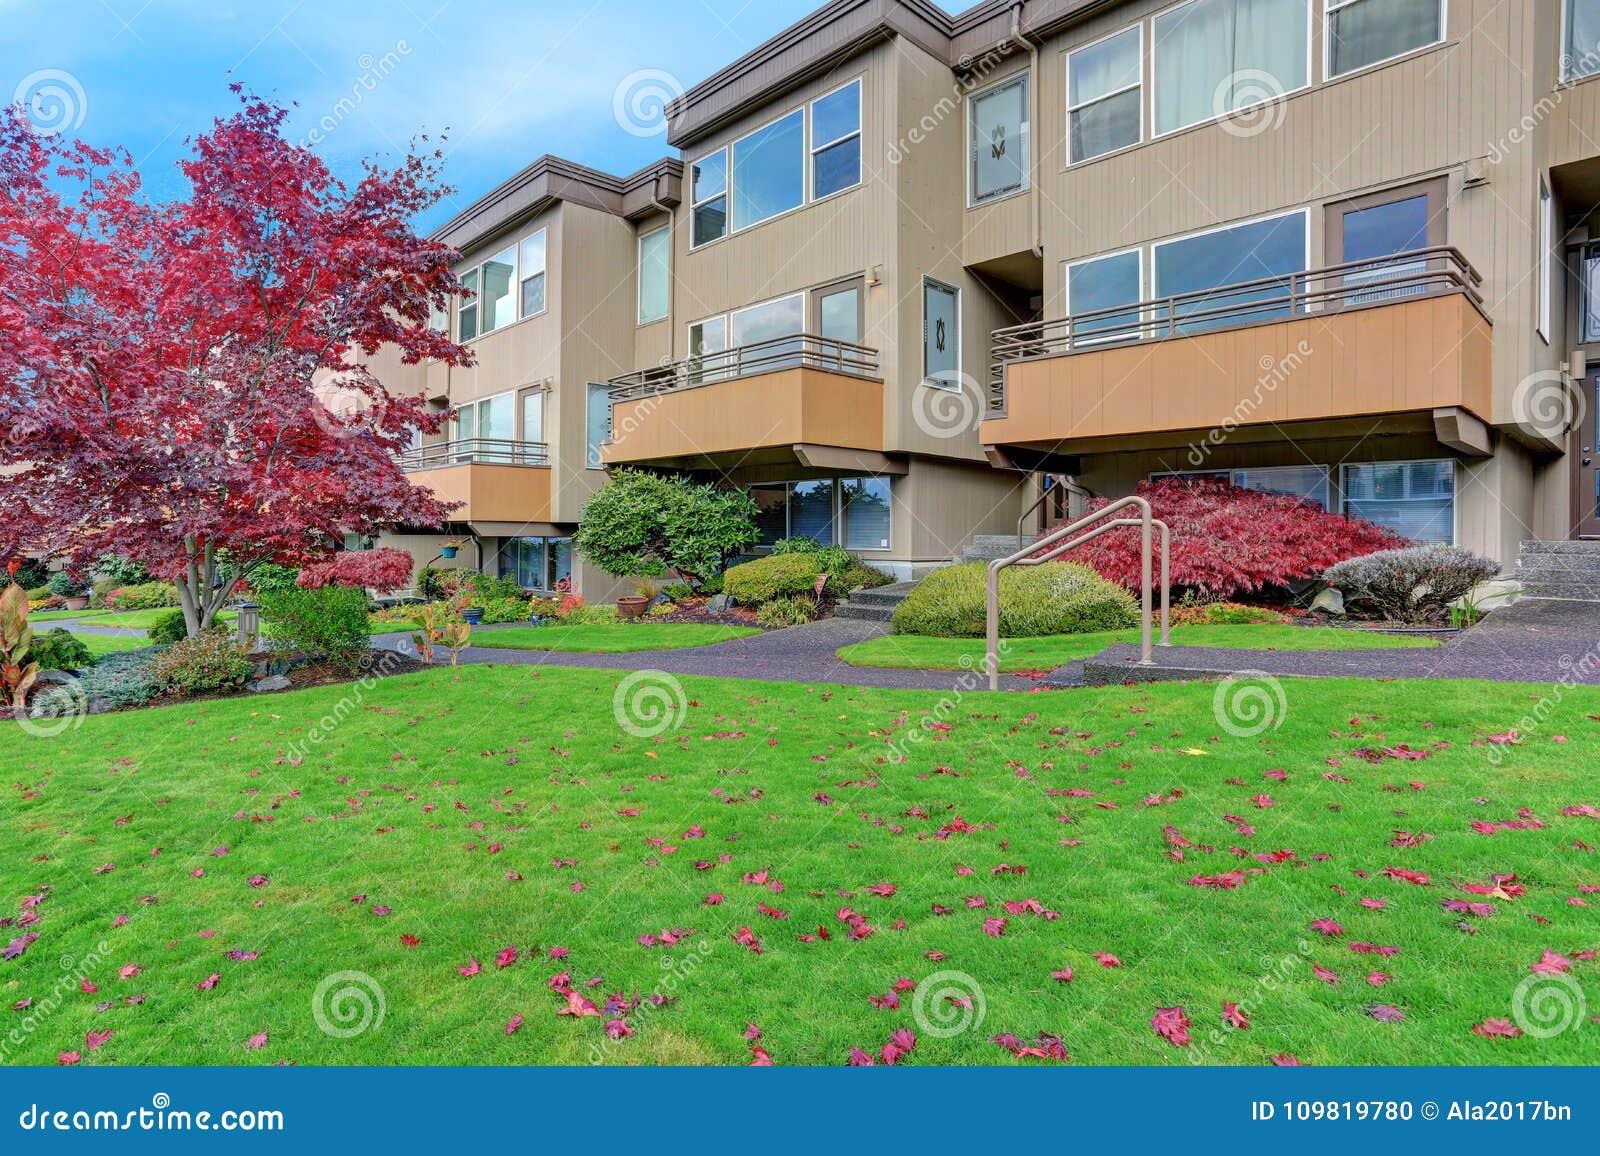 Condomínio, prédio de apartamentos com tapume bege